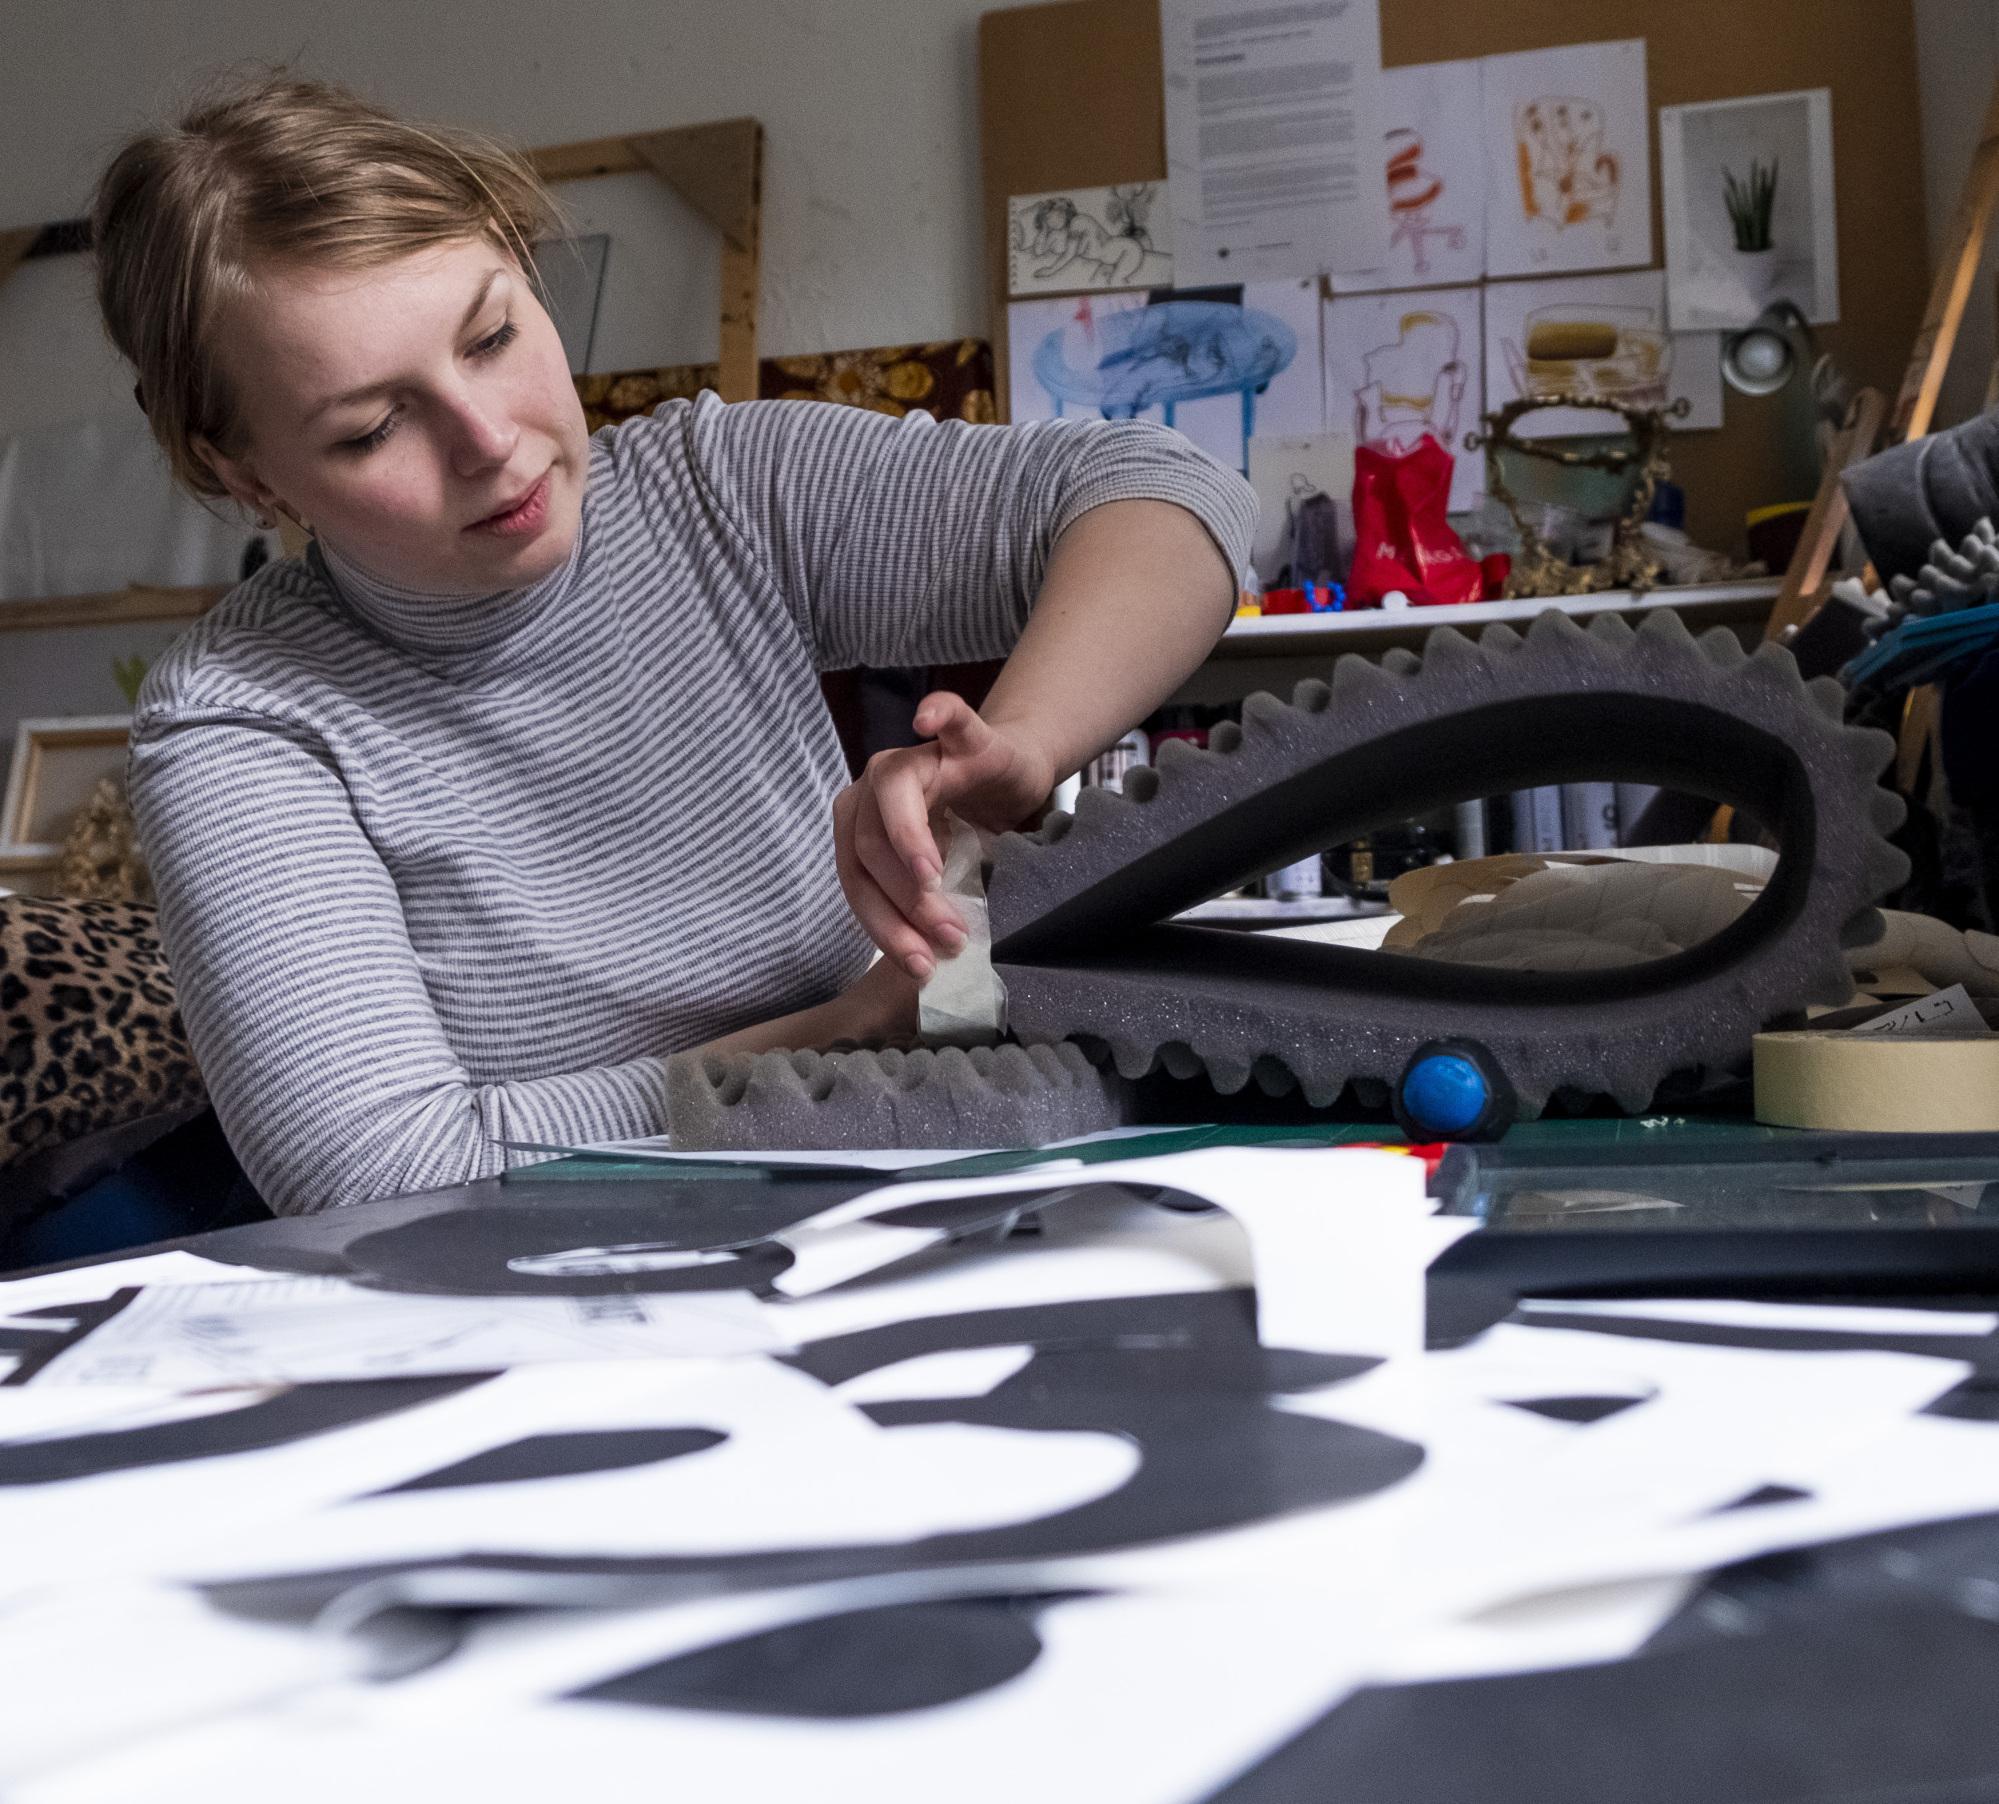 Kamilla Mez er netop debuteret på den censurerede påskeudstilling i Aarhus, derudover er hun også medstifter og kurator på Art Room 1000fryd. Foto: Lasse Sand